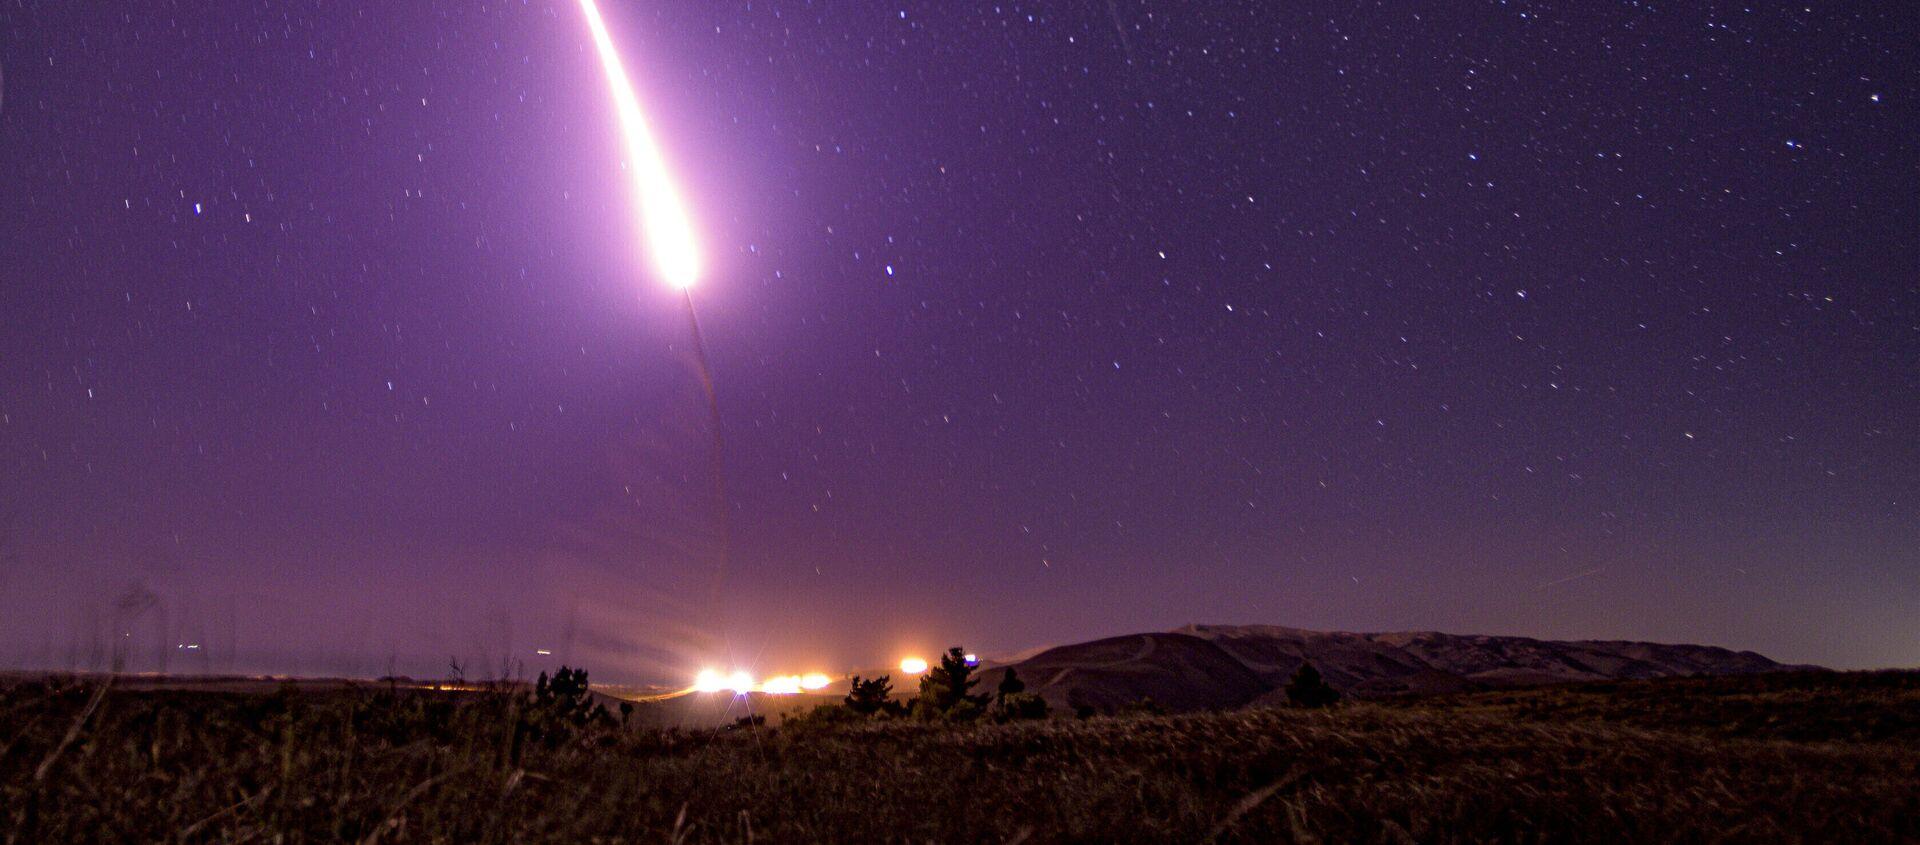 中国 核ミサイル用に100超のサイロを建設 - Sputnik 日本, 1920, 02.07.2021